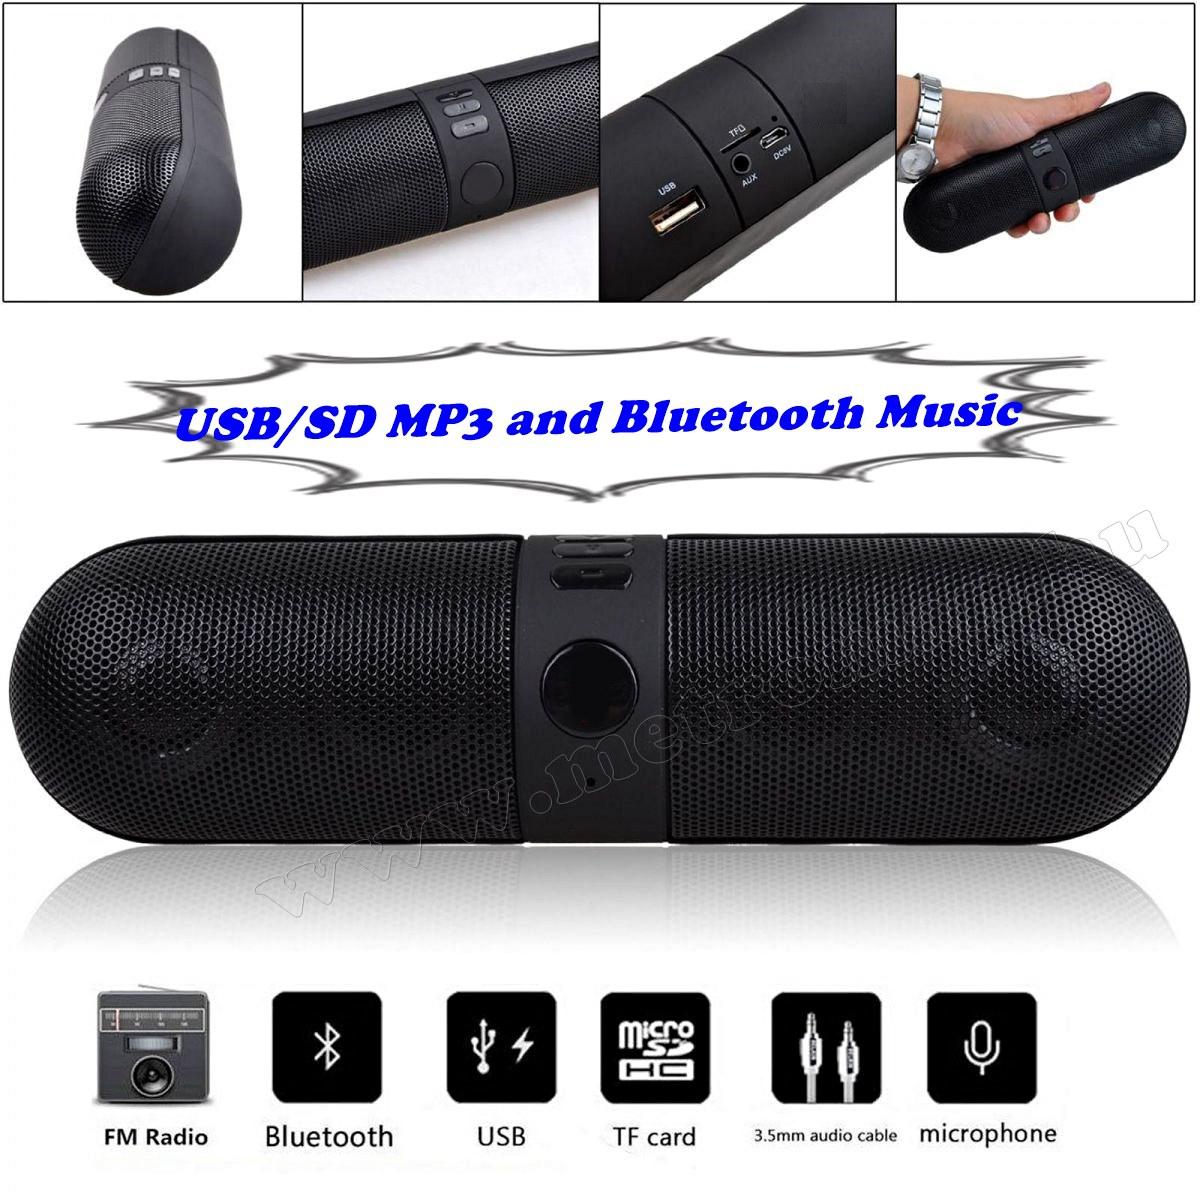 Hordozható USB/SD MP3 lejátszó és Bluetooth multimédia hangszóró Mlogic MS41